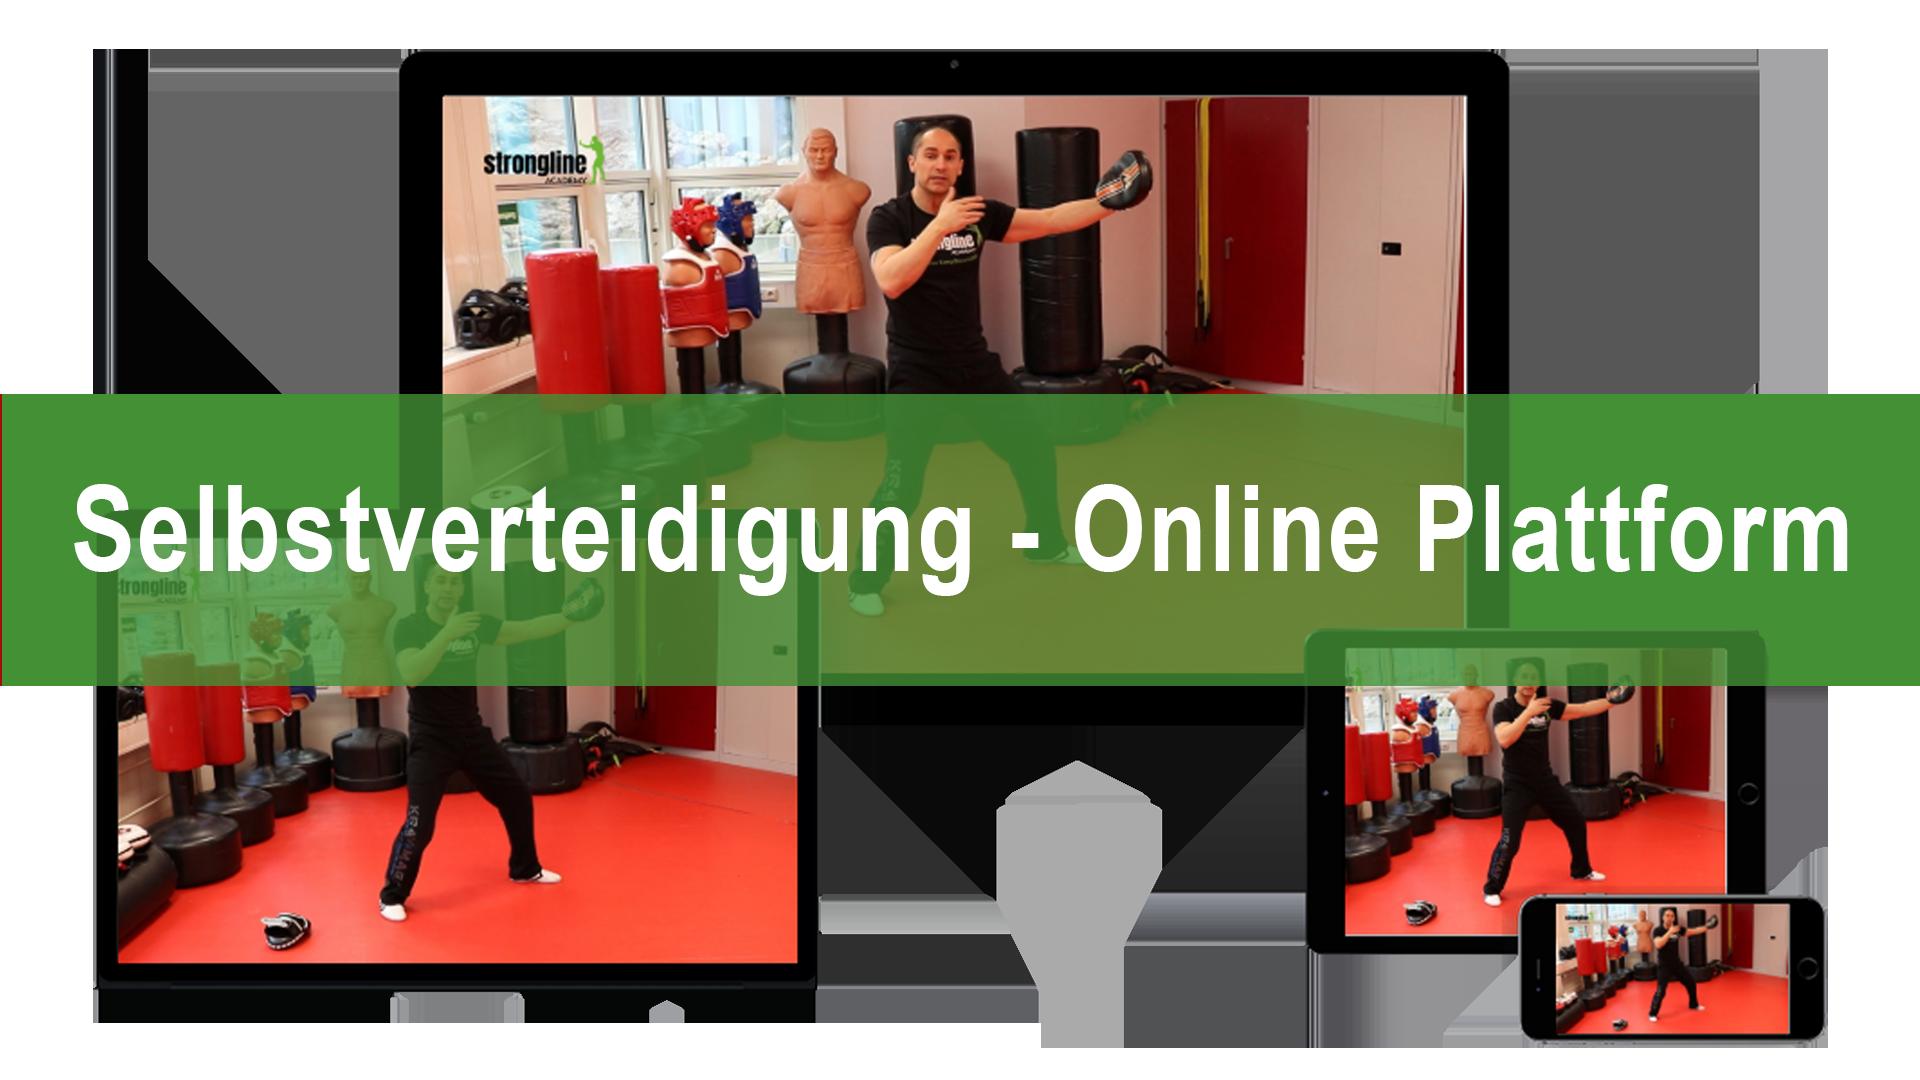 Selbstverteidigung Online Plattform